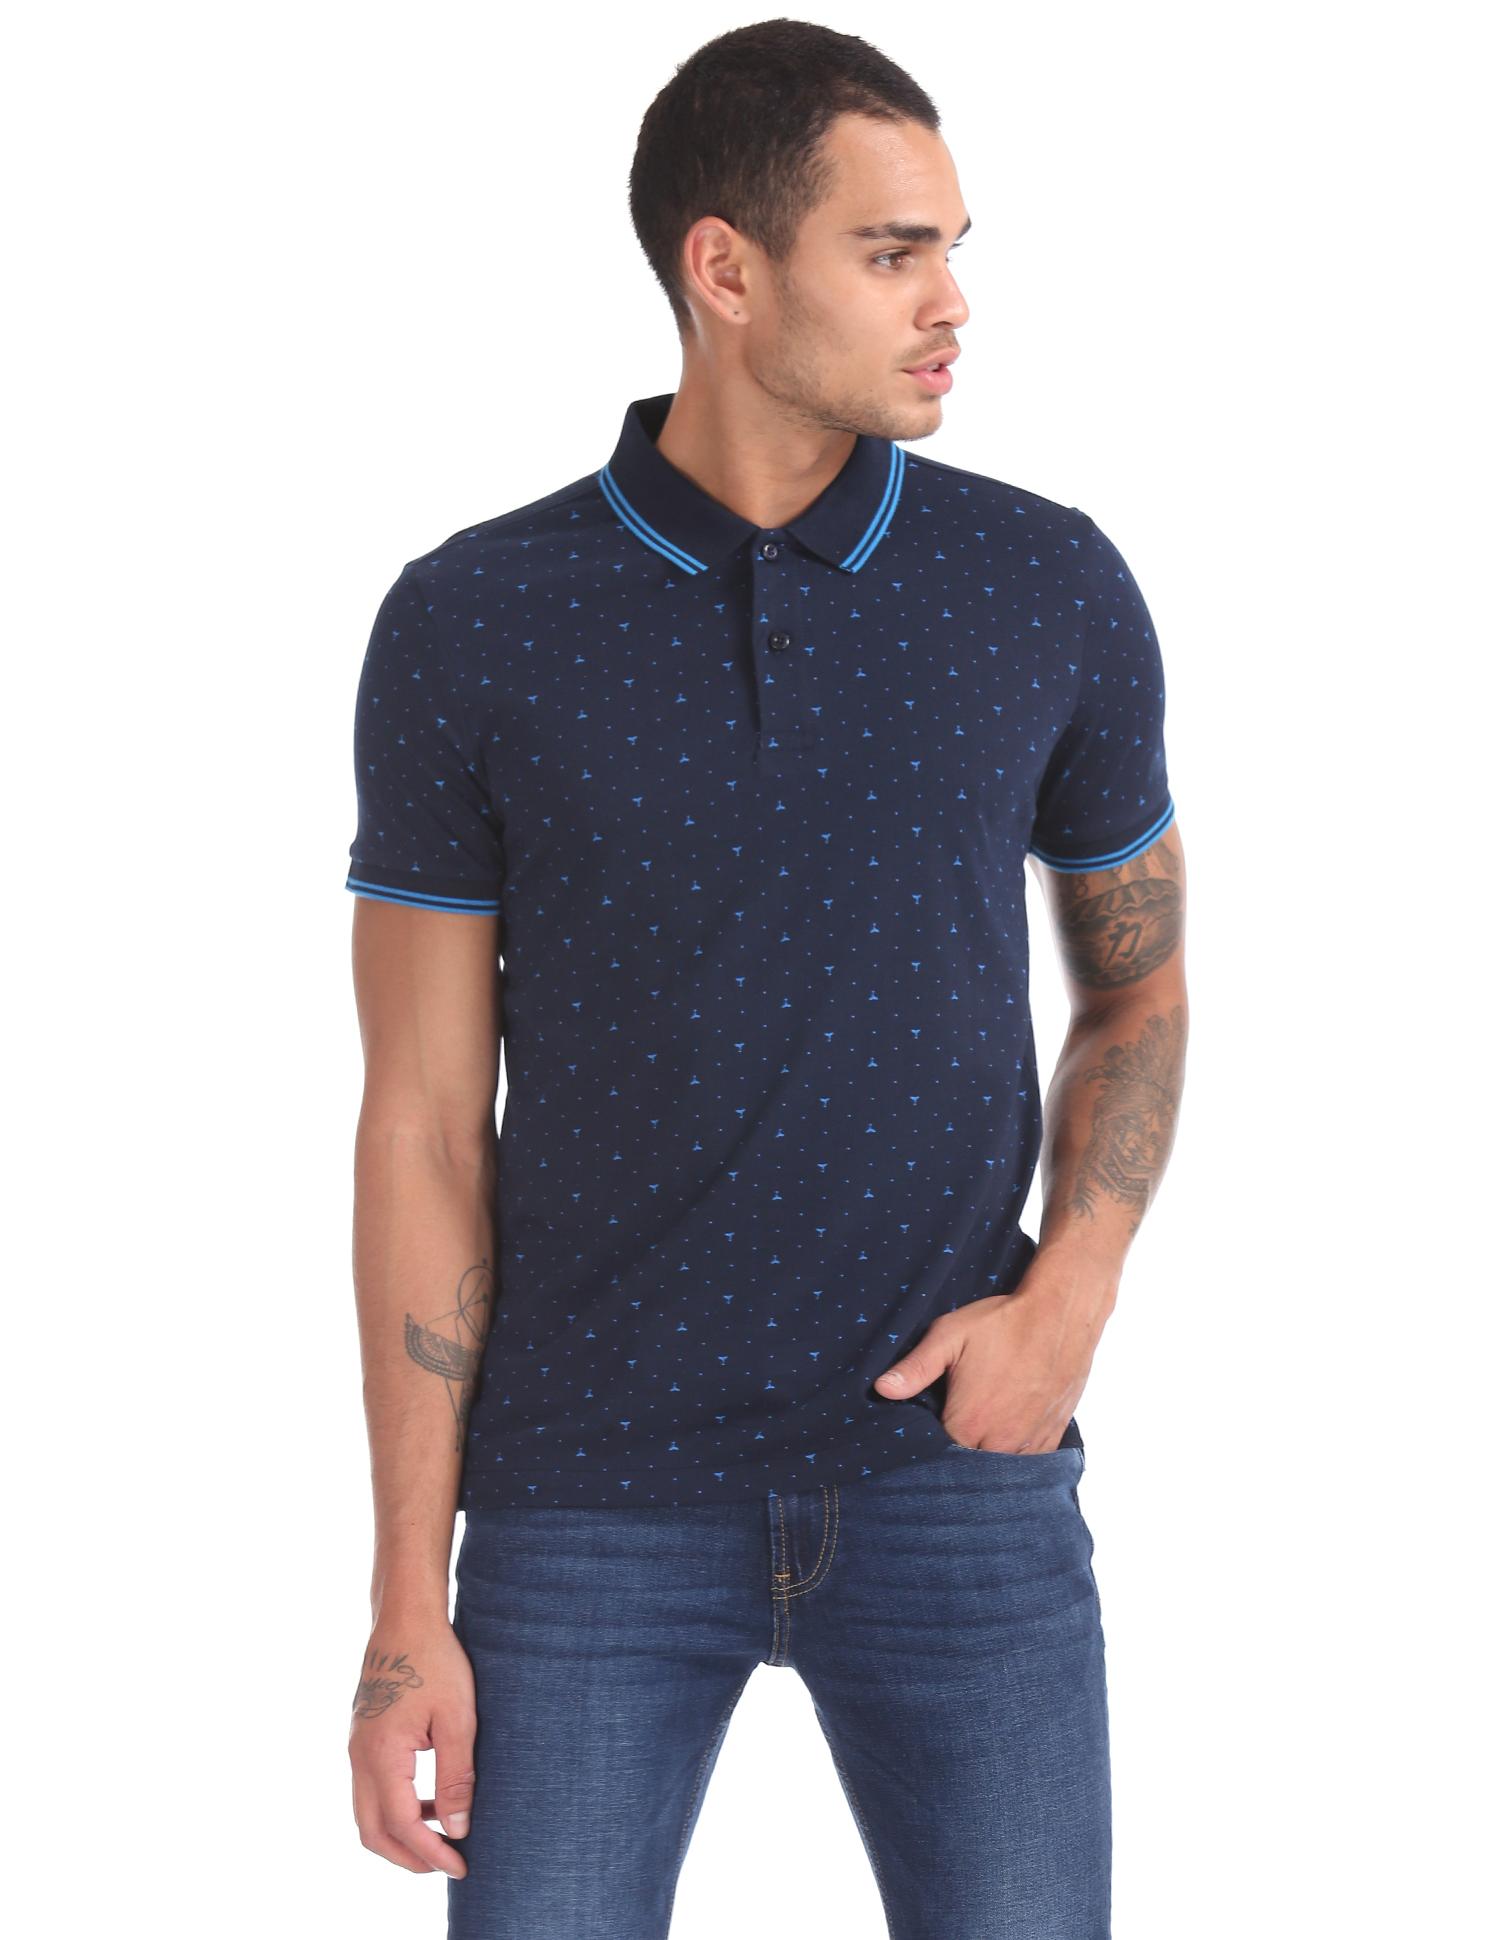 8d691d9b Arrow USA 1851 Men's Polo T-Shirt - Navy